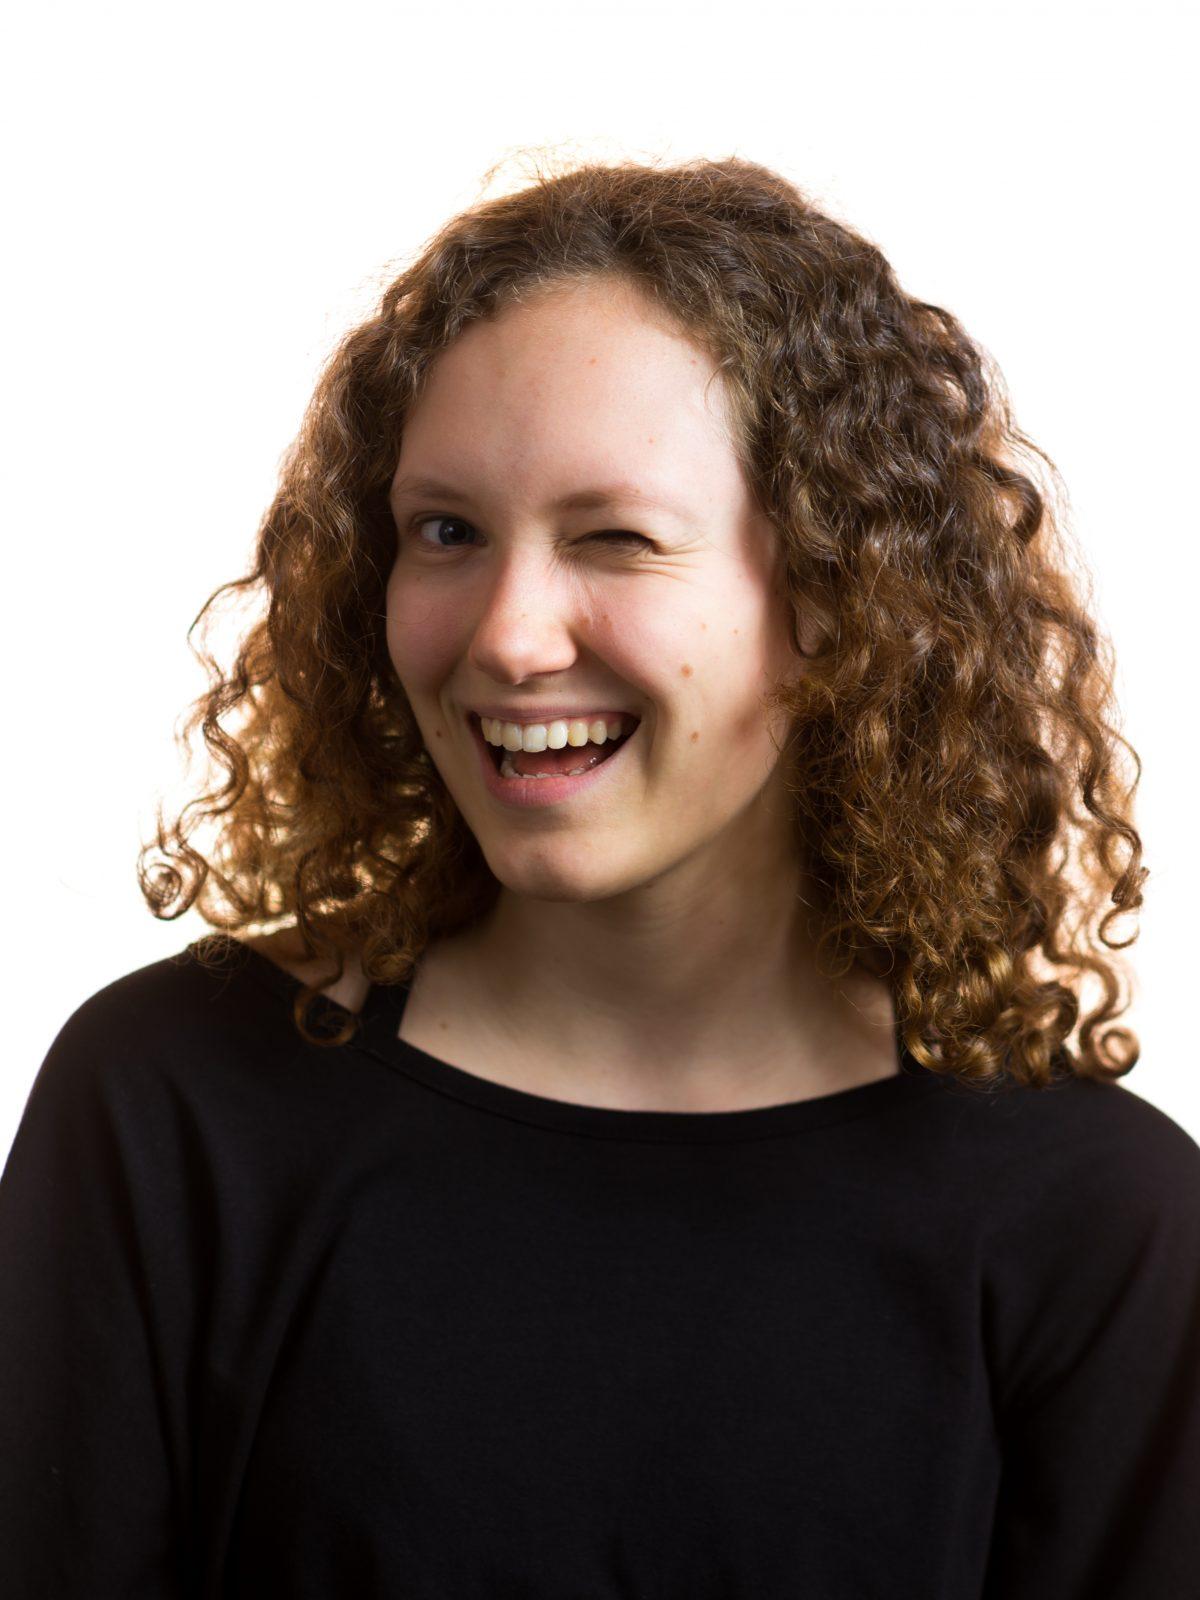 Hannah Häger